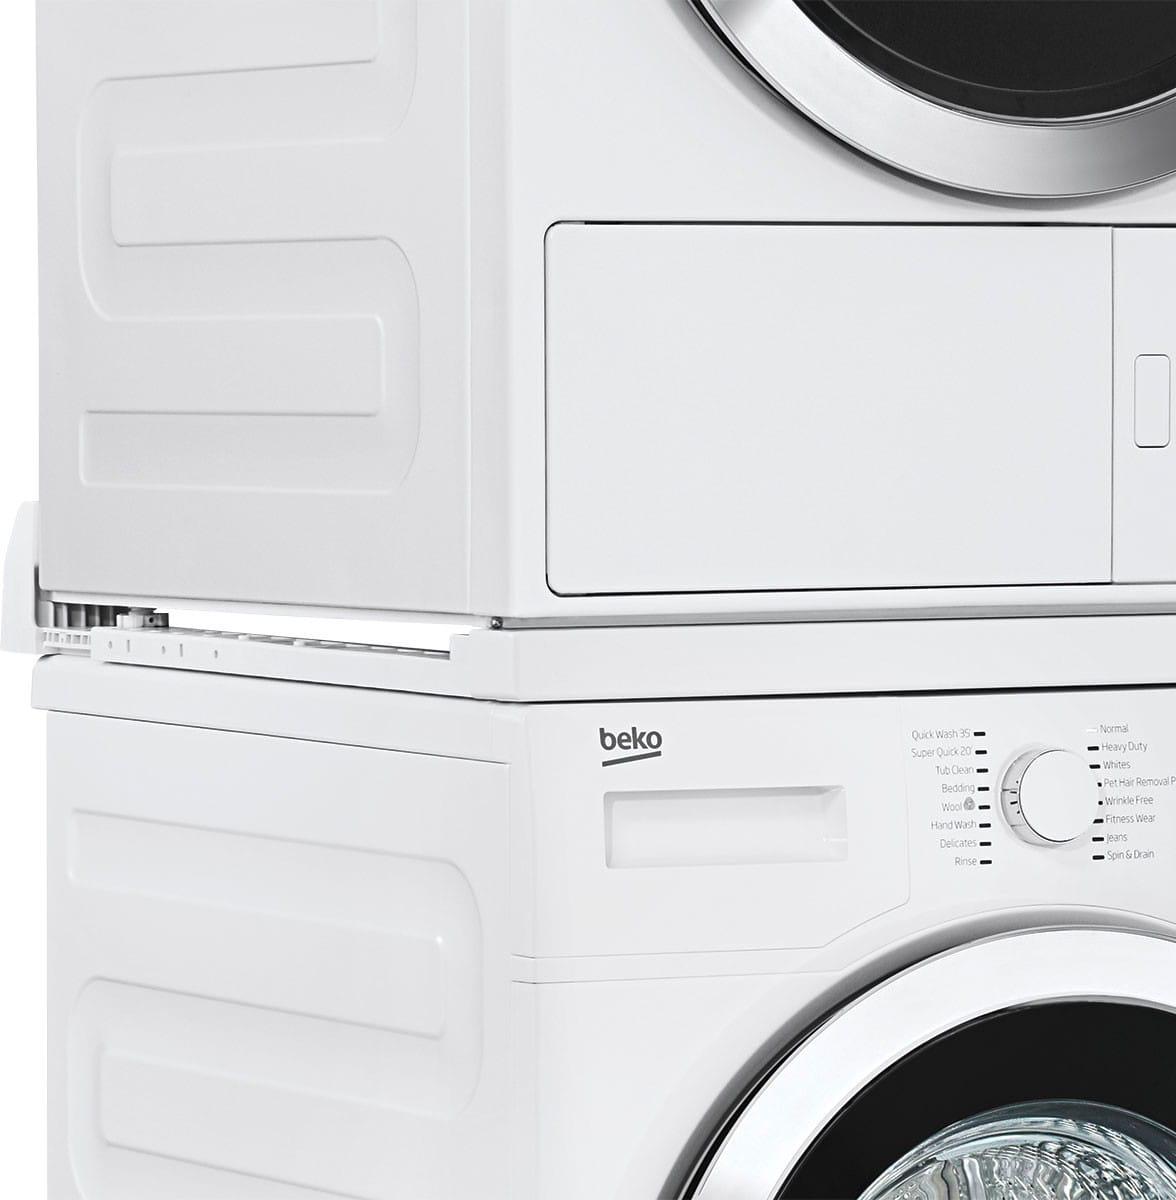 Colonna Per Lavatrice E Asciugatrice kit colonna bucato per incolonnamento lavatrice e asciugatrice standard -  stacking-kit